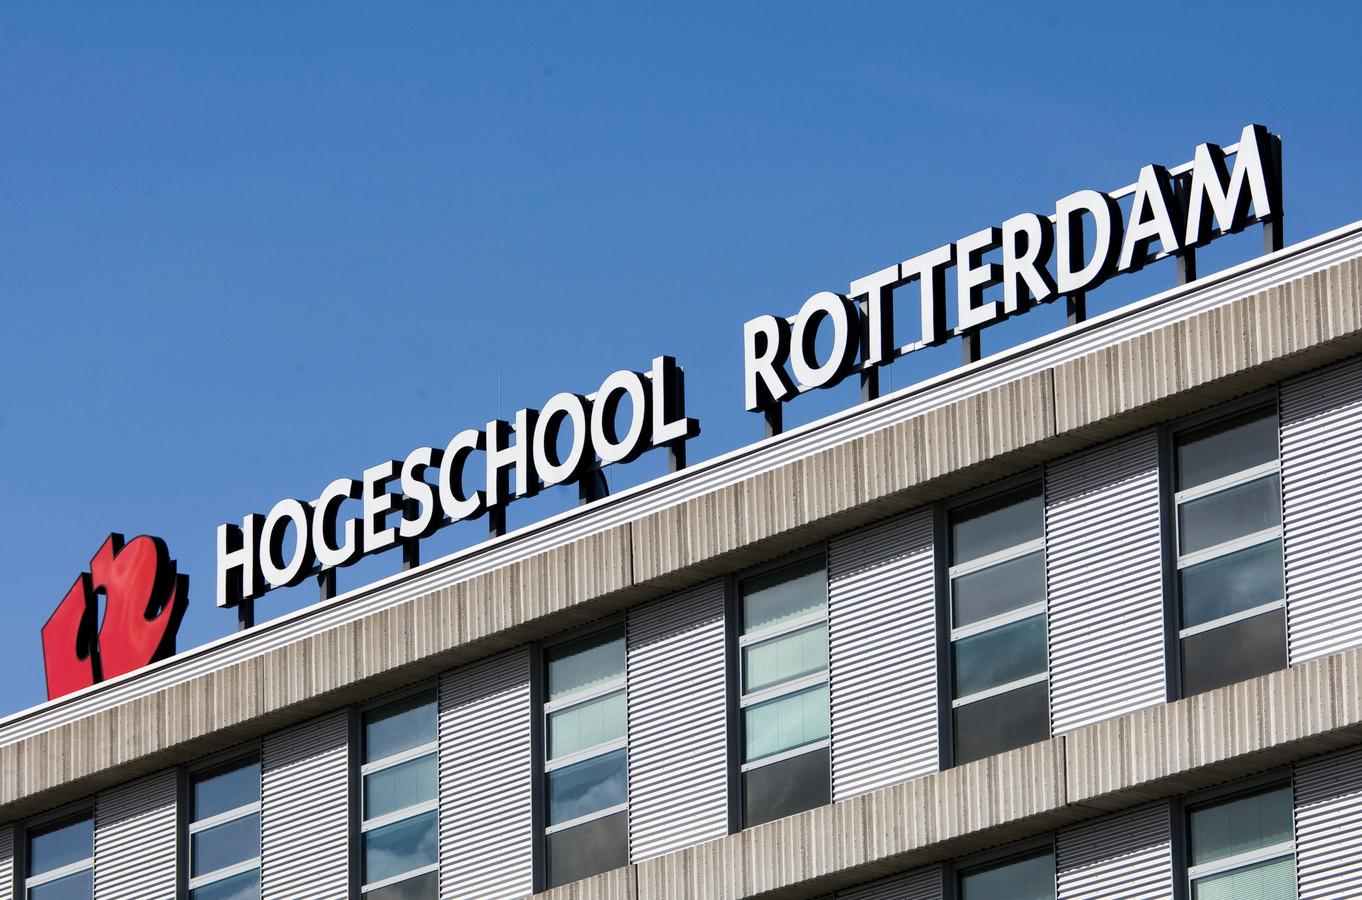 Op de Hogeschool Rotterdam moeten voortaan mondkapjes worden gedragen.